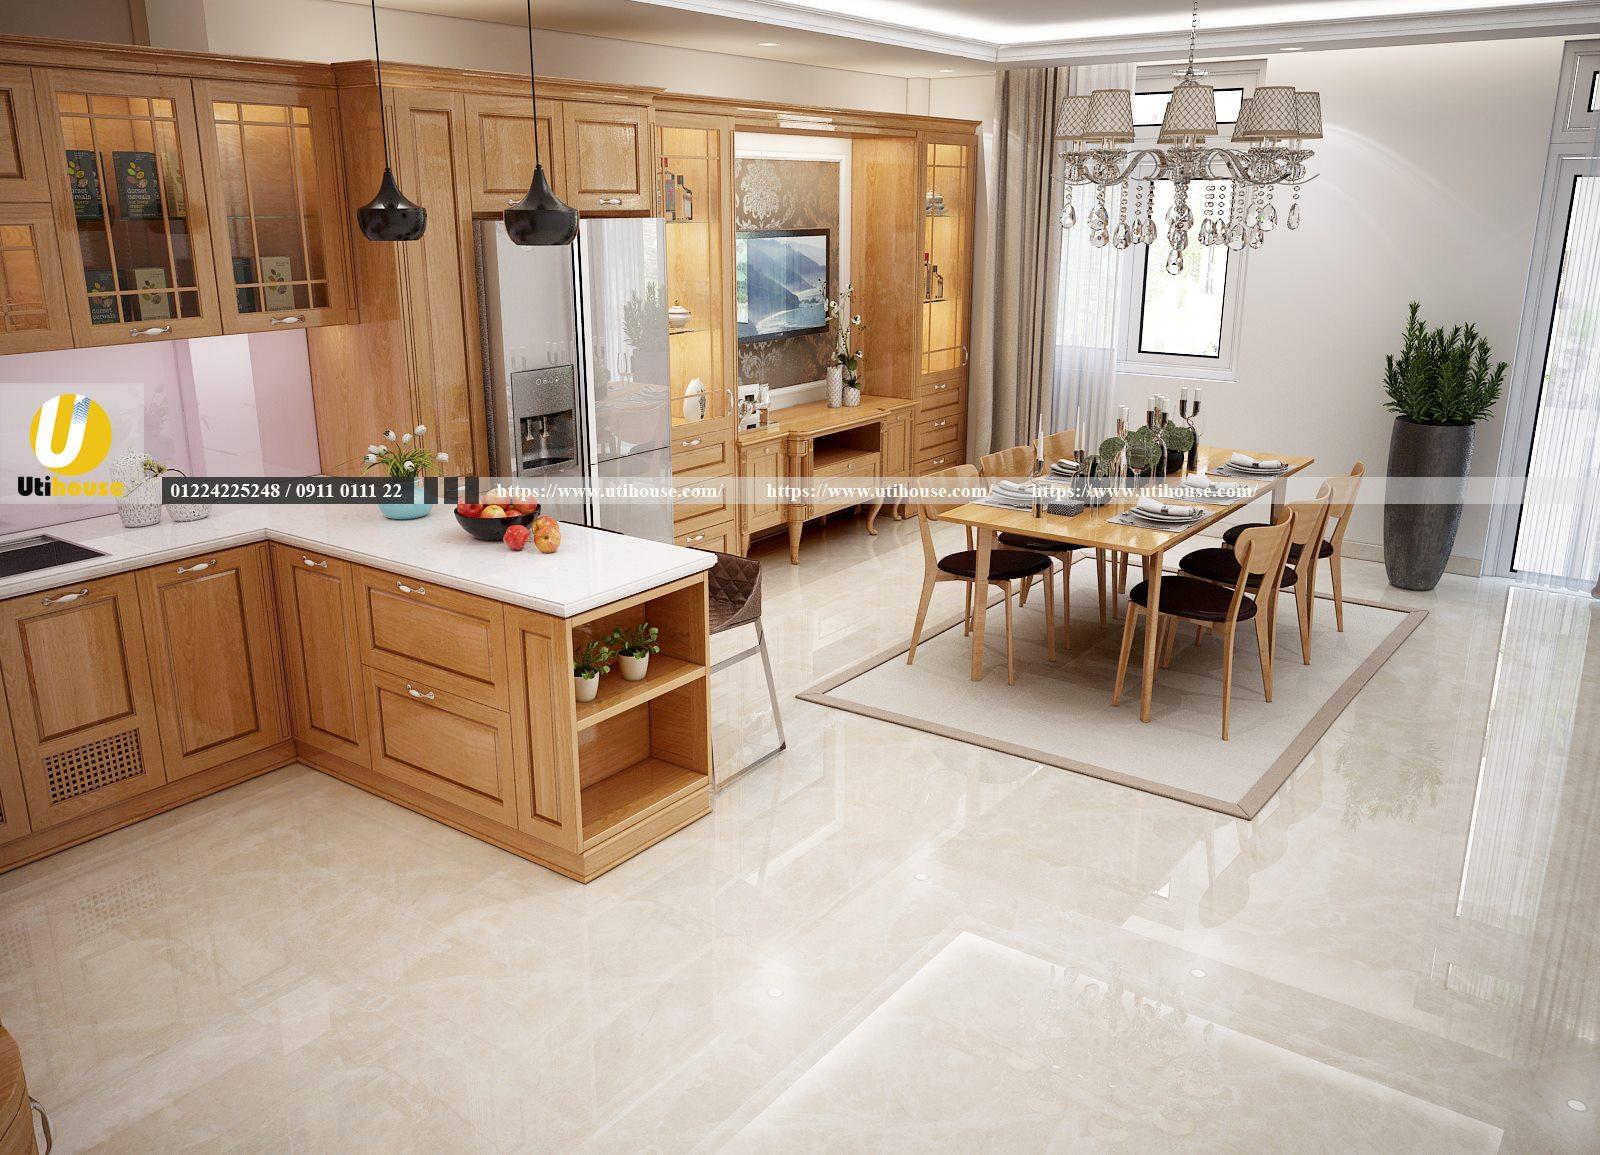 Thiết kế nội thất nhà bếp biệt thự sang trọng, bền đẹp cùng gỗ tự nhiên